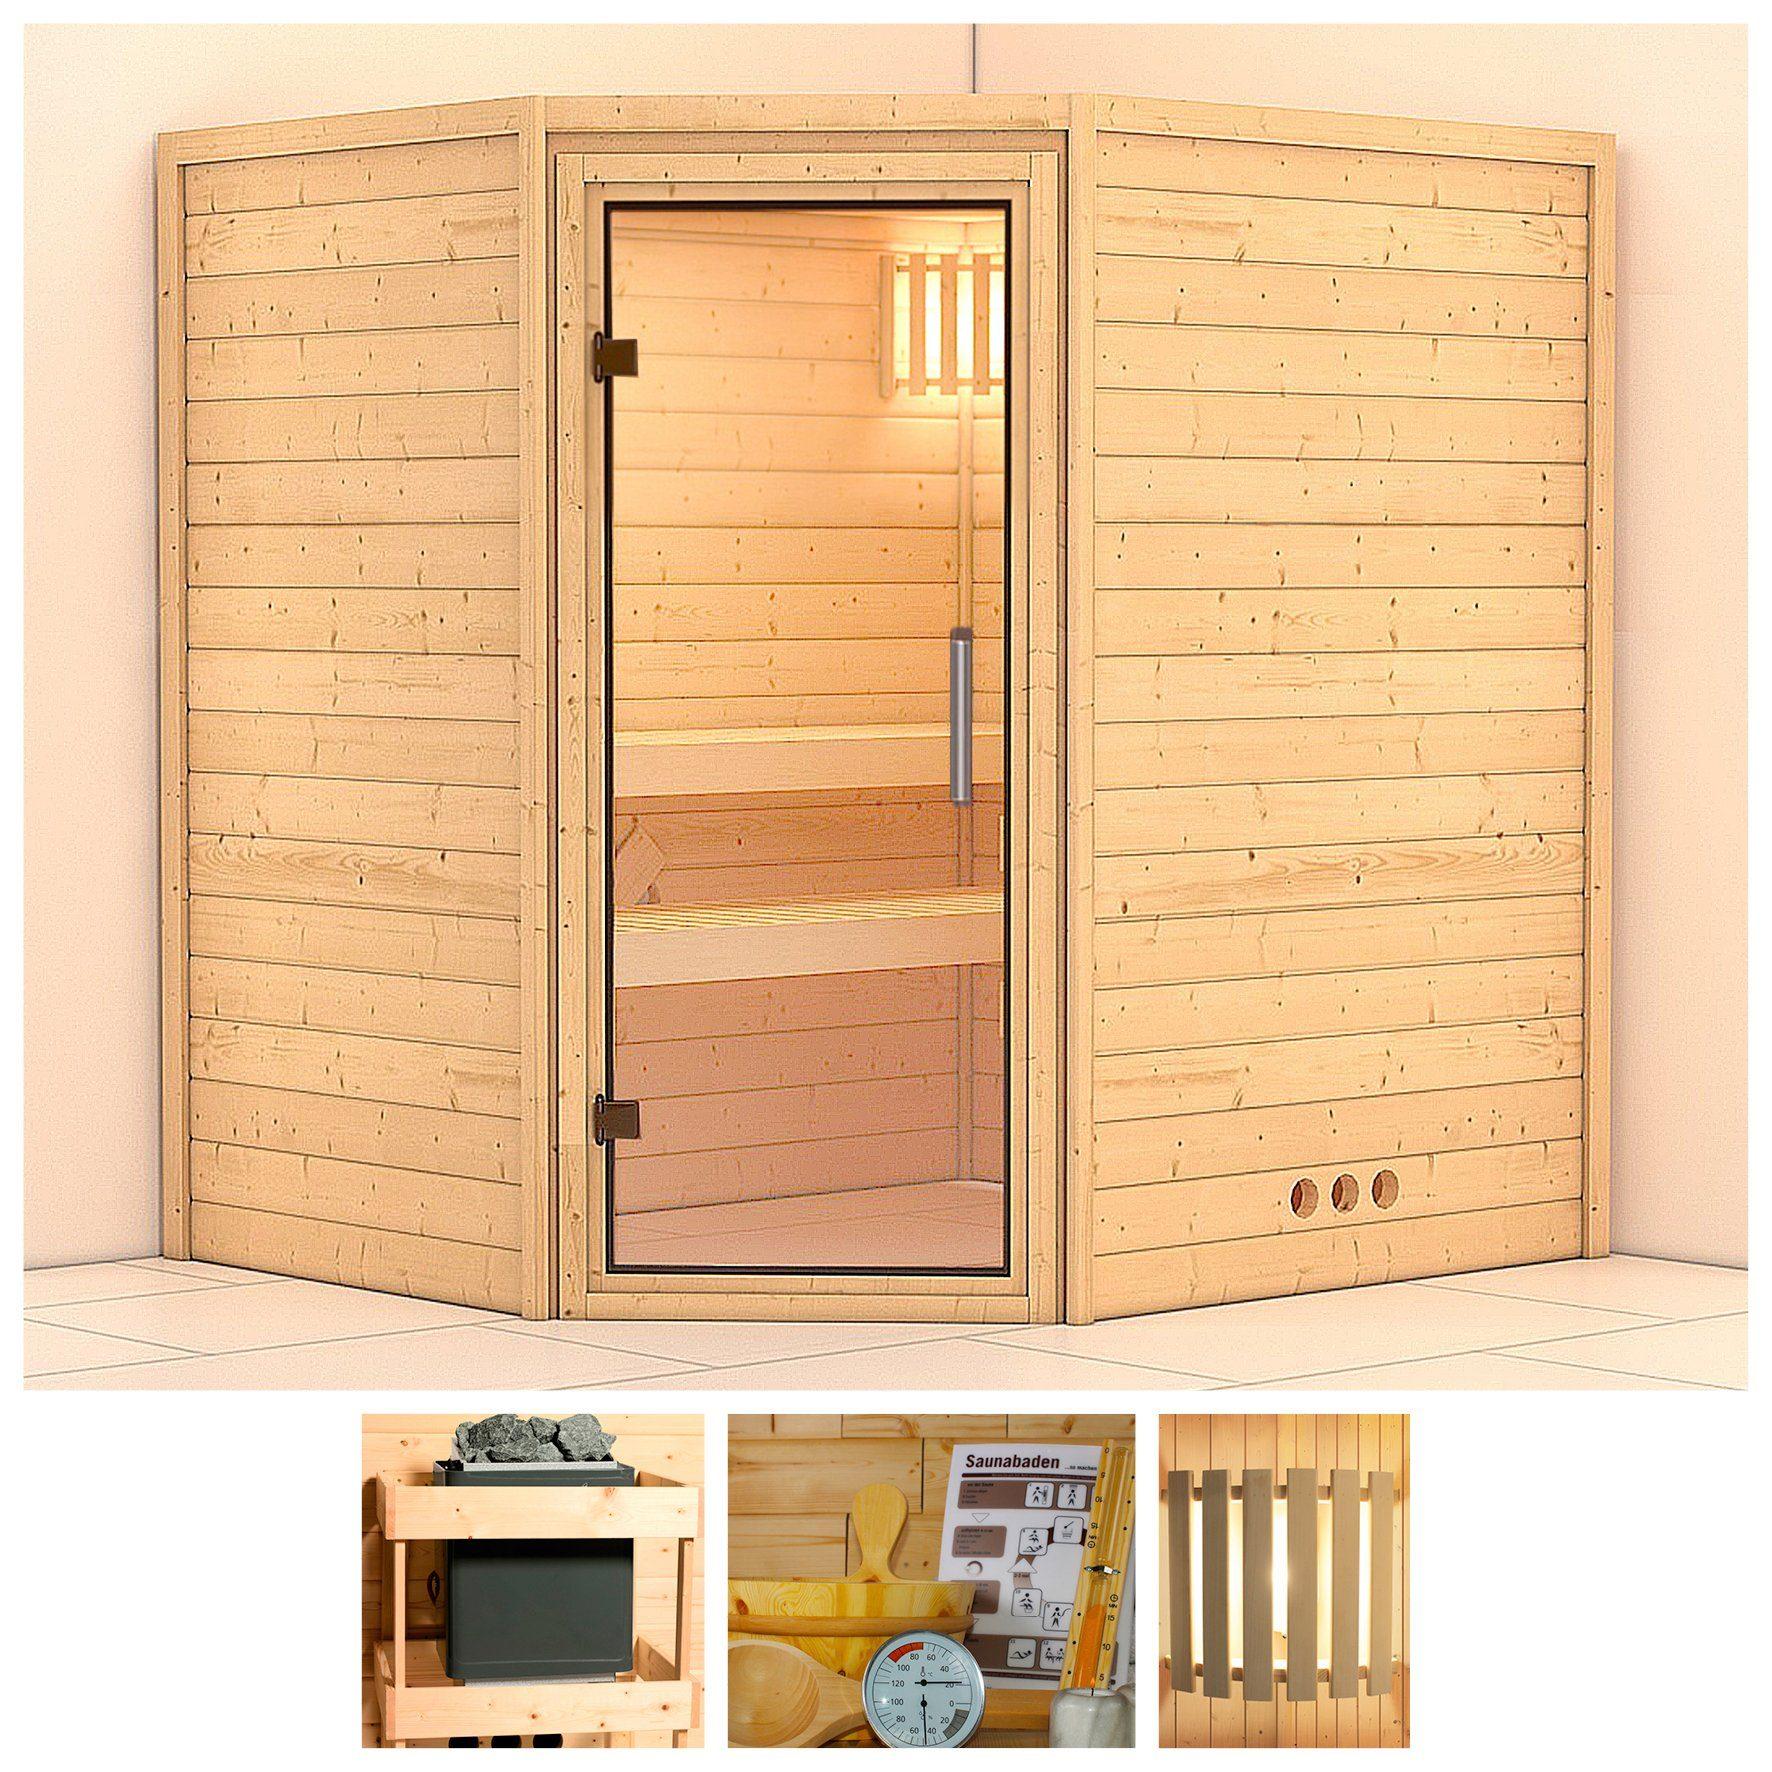 KONIFERA Sauna »Mia«, 196/170/200 cm, ohne Ofen, Glastür klar